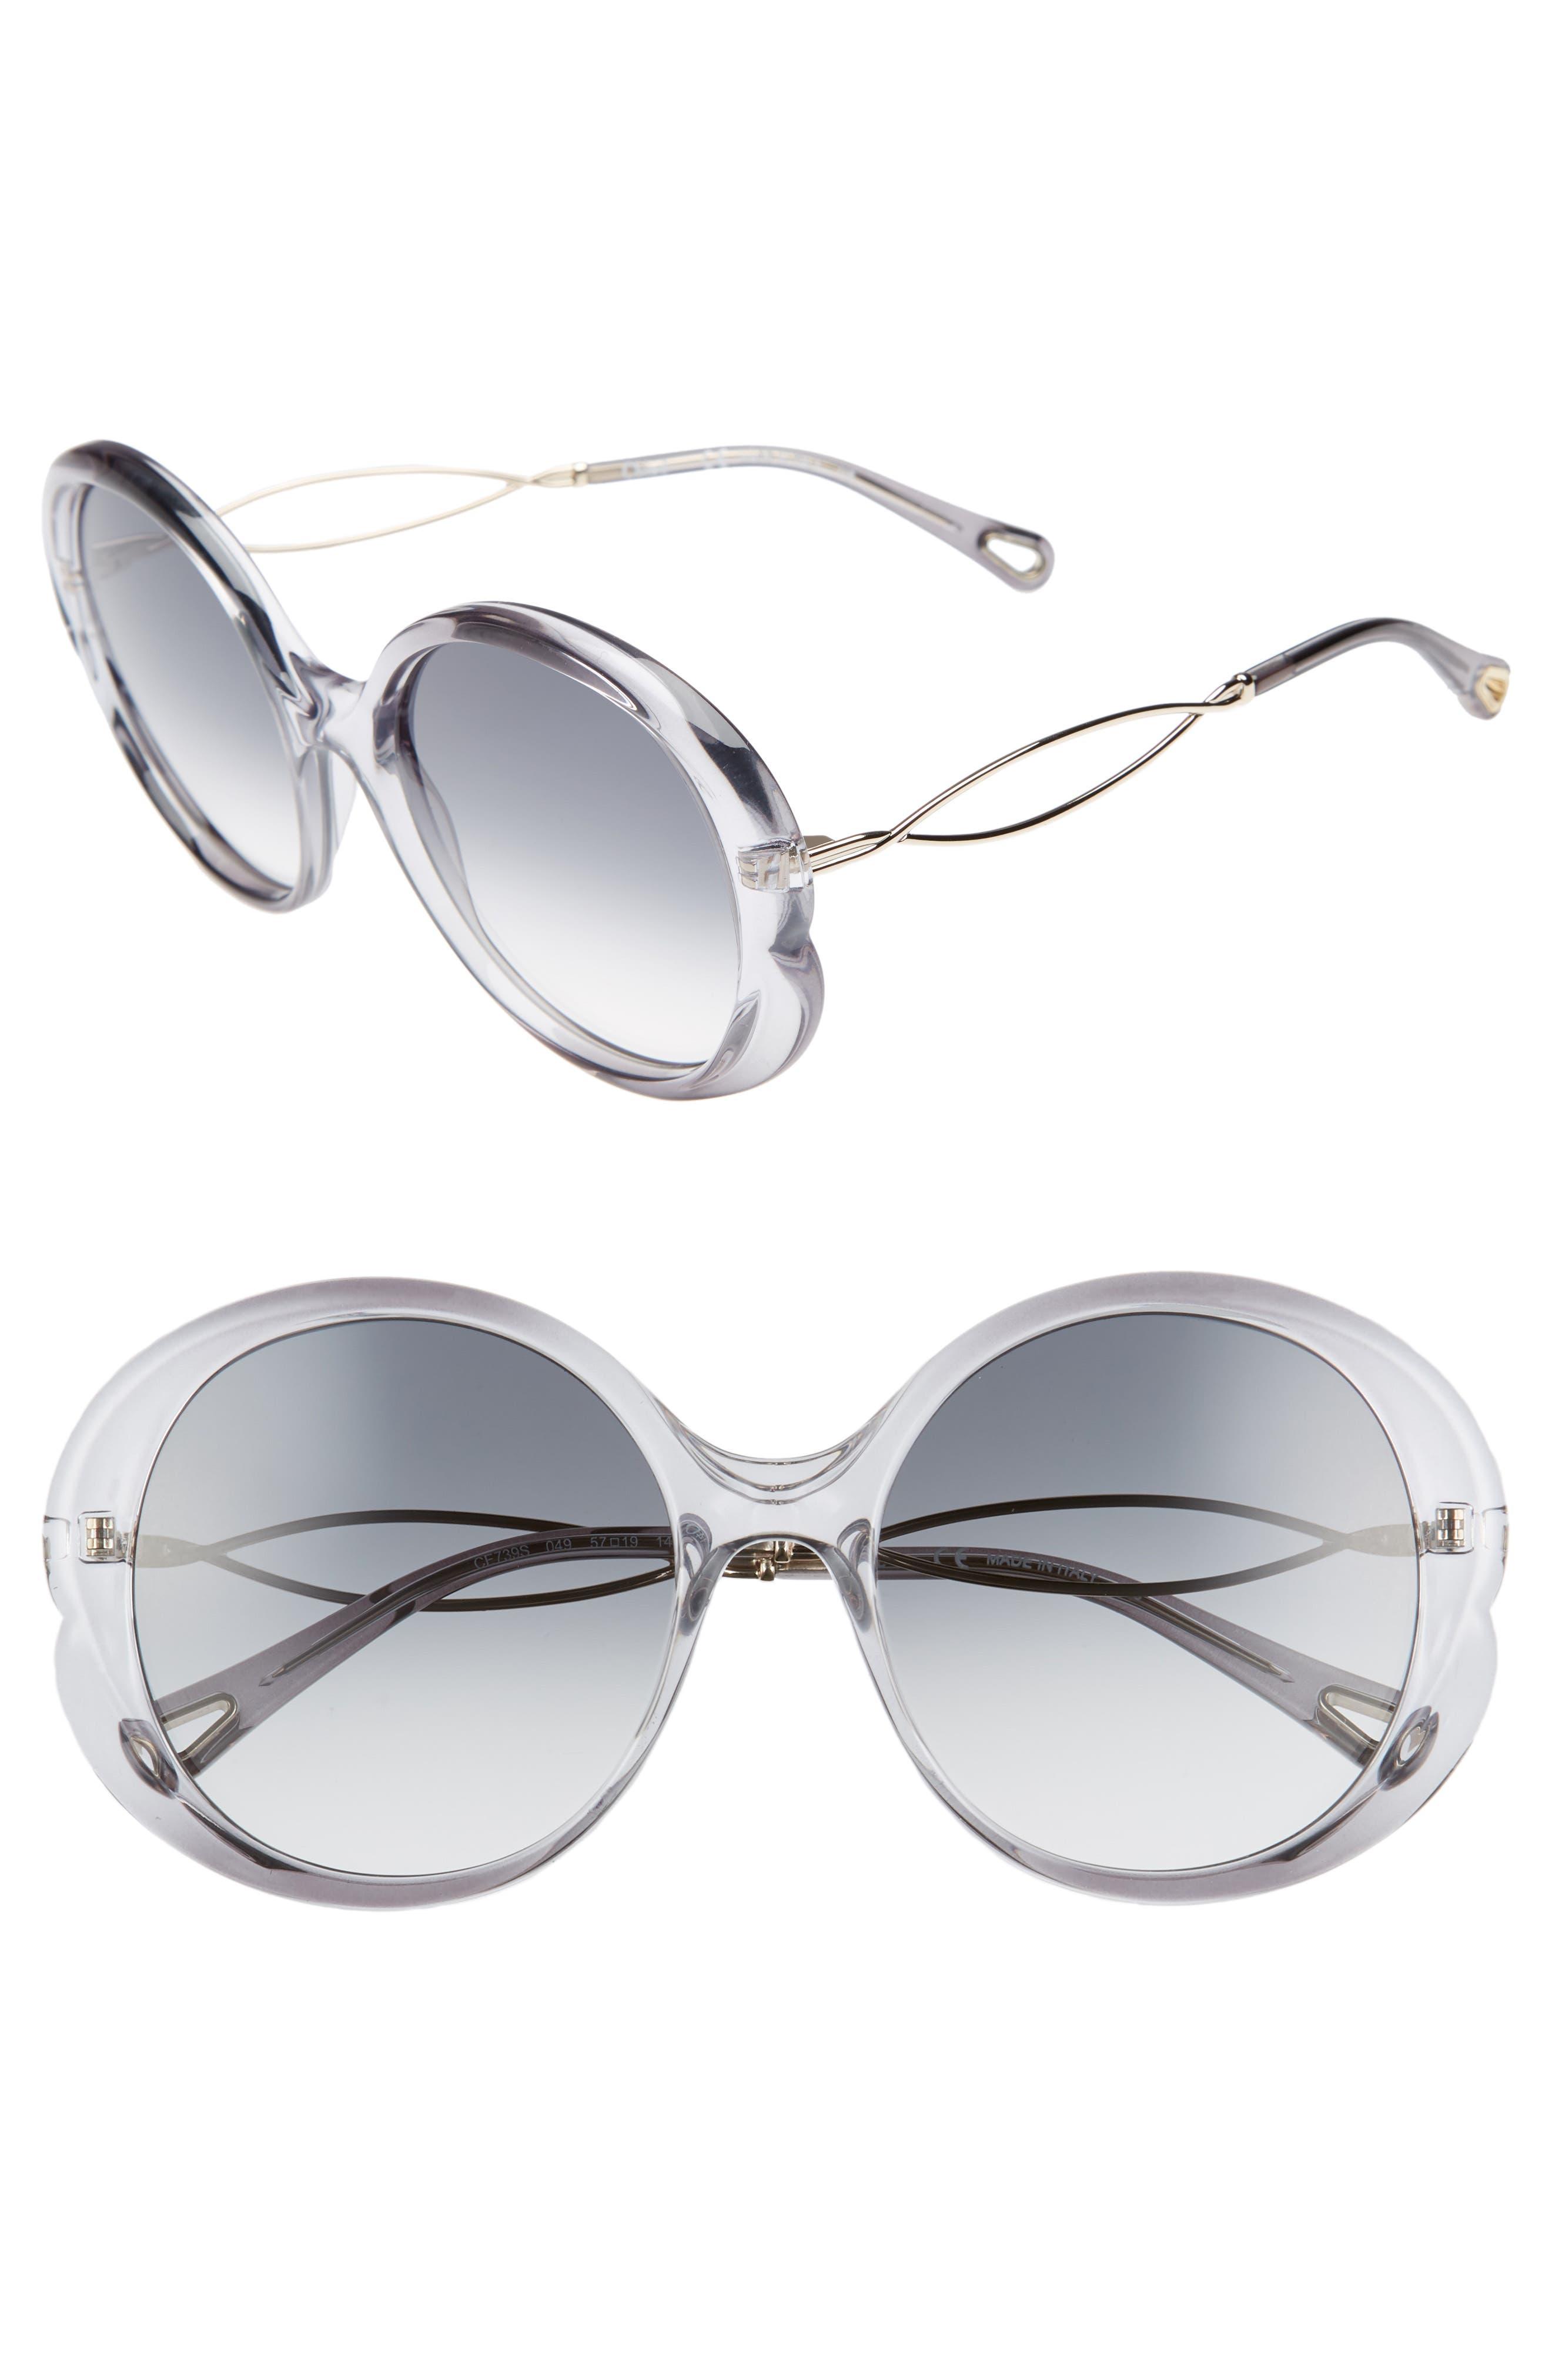 4ce233963d Chloé Sunglasses for Women